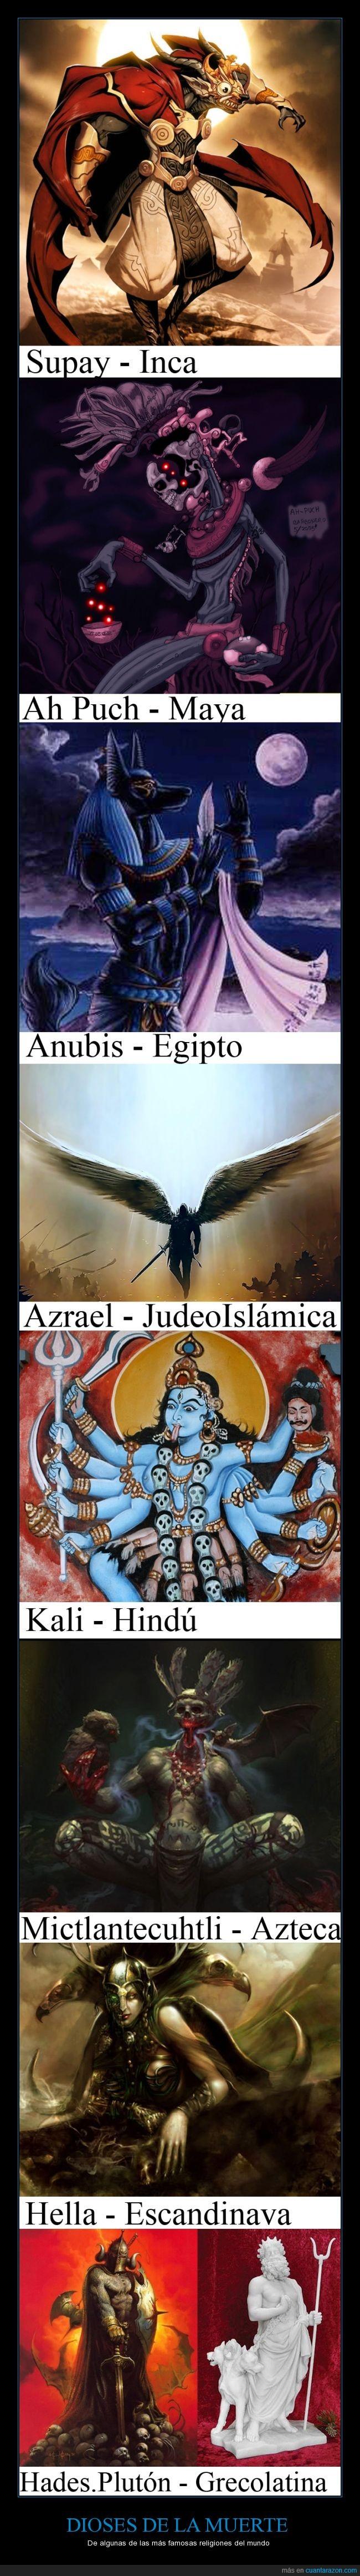 dioses,famoso,incas,india,interesante,mayas,muerte,religion,Religiones